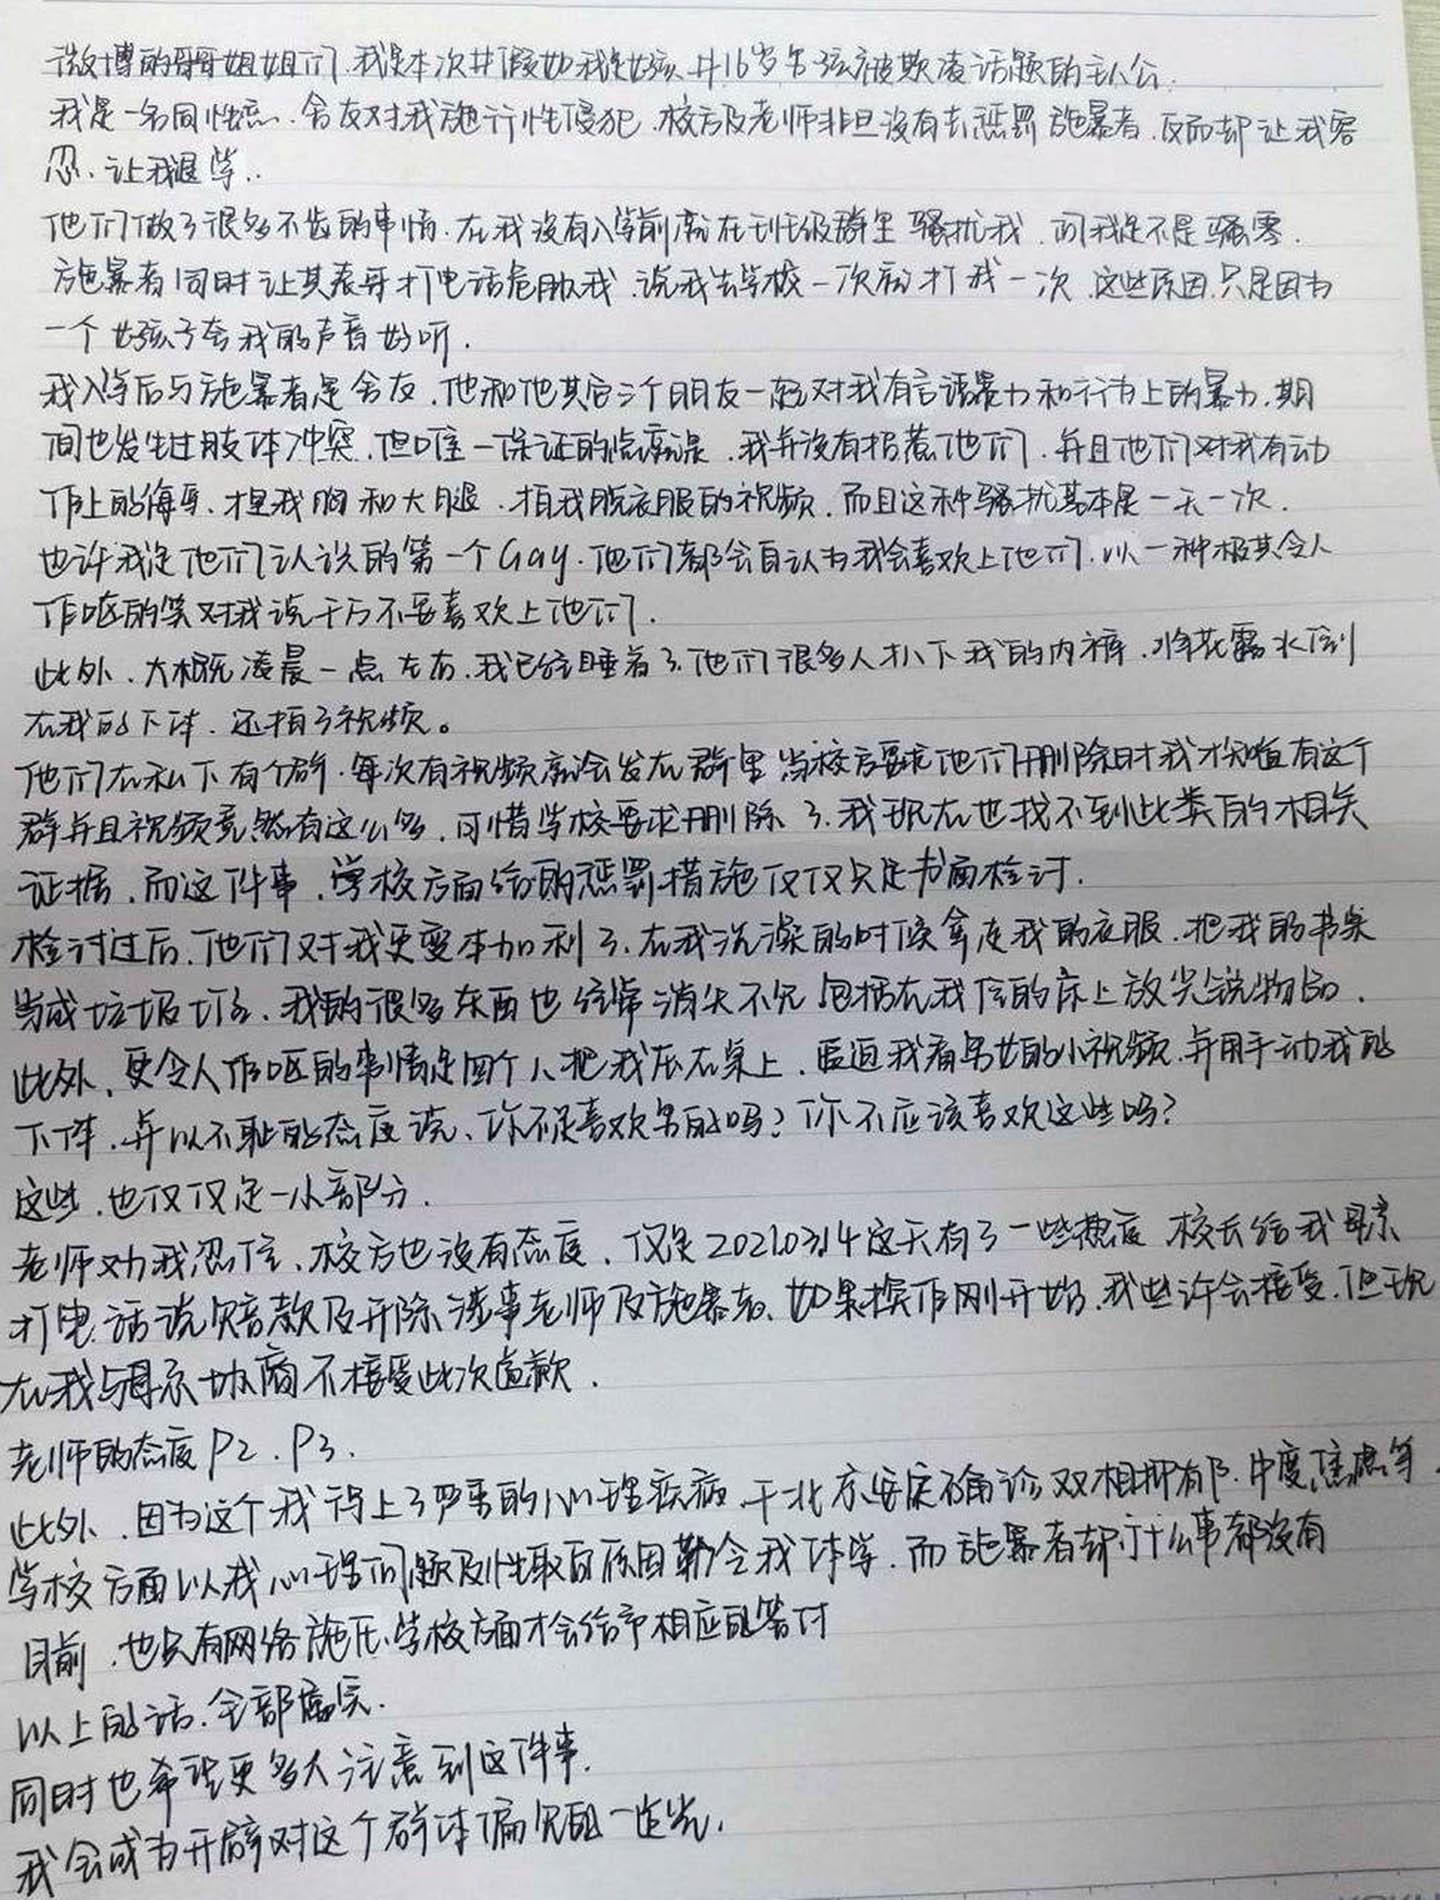 小豪發布於網路平台的自述手書。